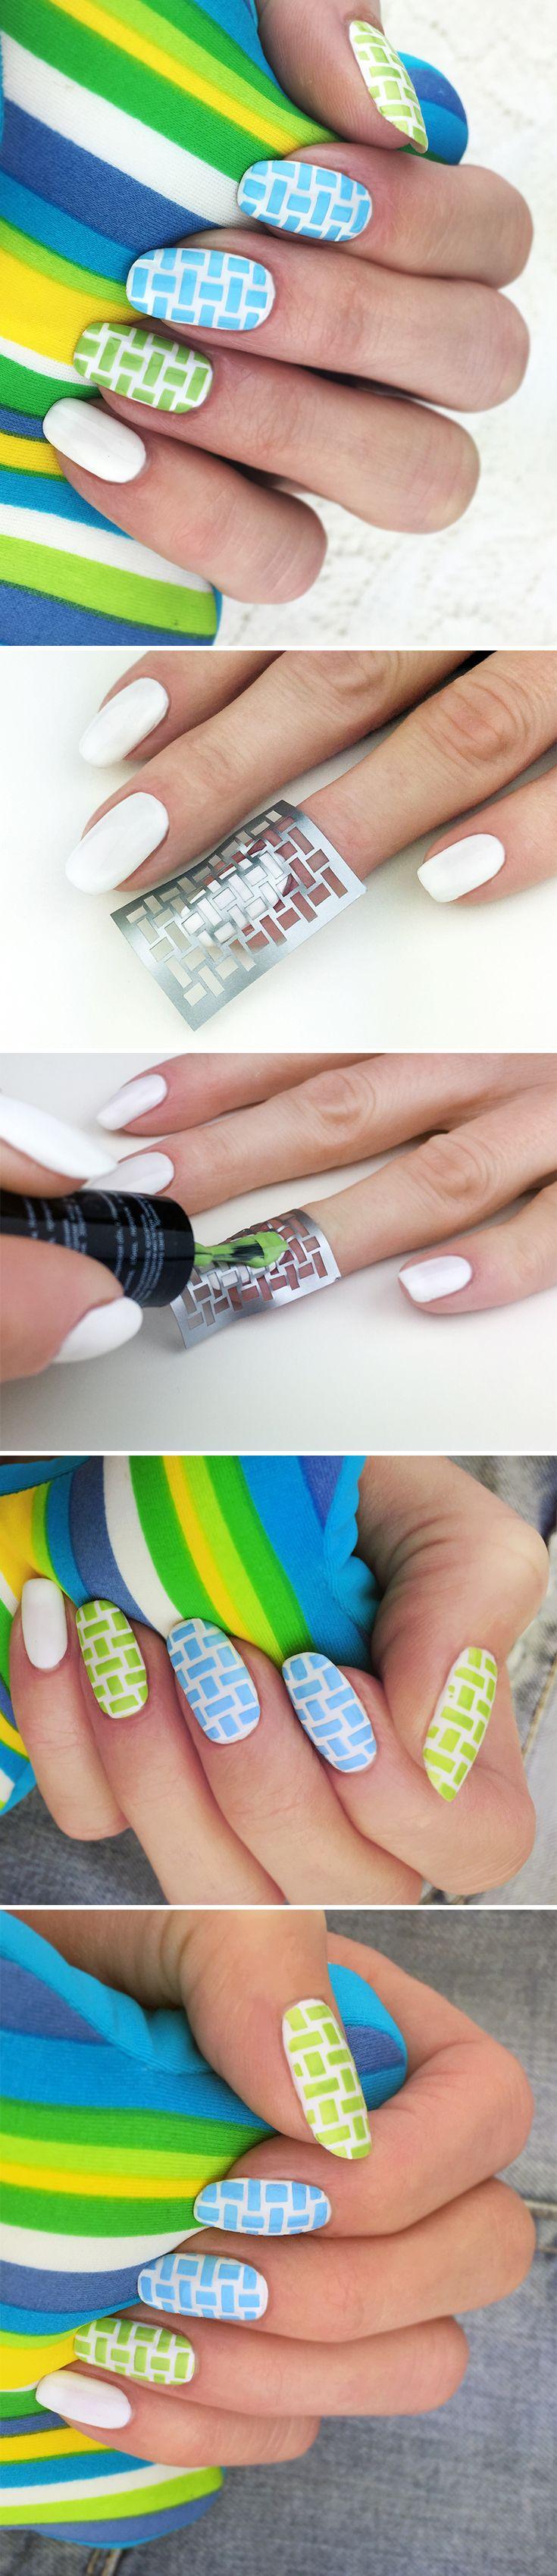 Дизайн ногтей фото 2018 современные идеи с рисунком